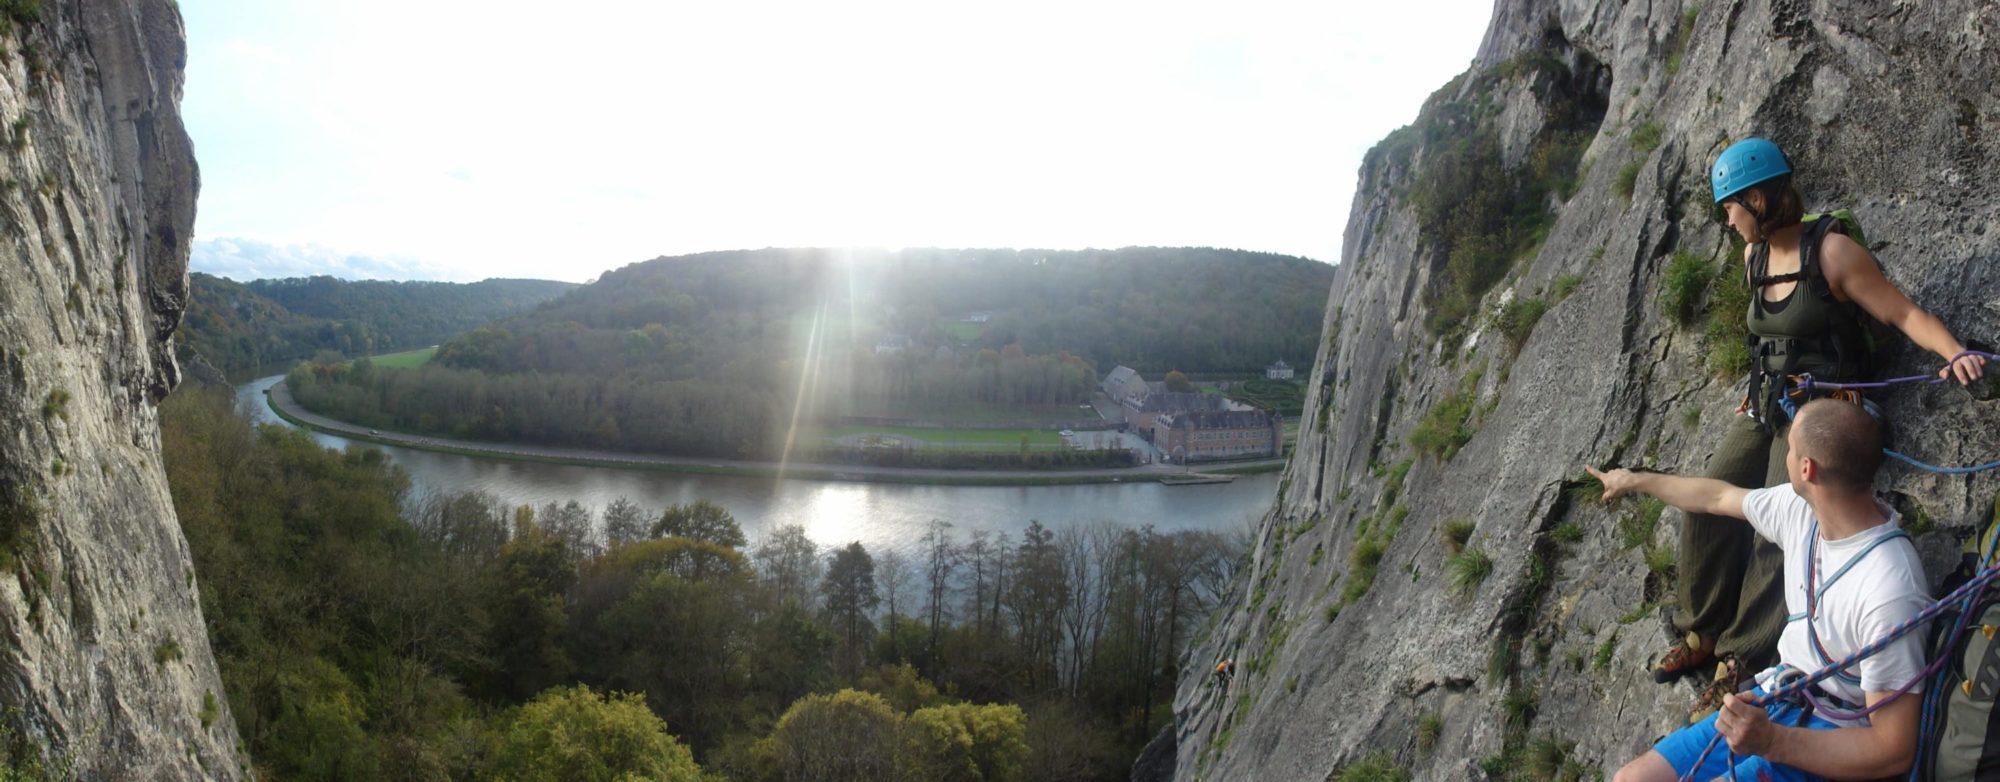 Vue panoramique depuis un relai à Freyr